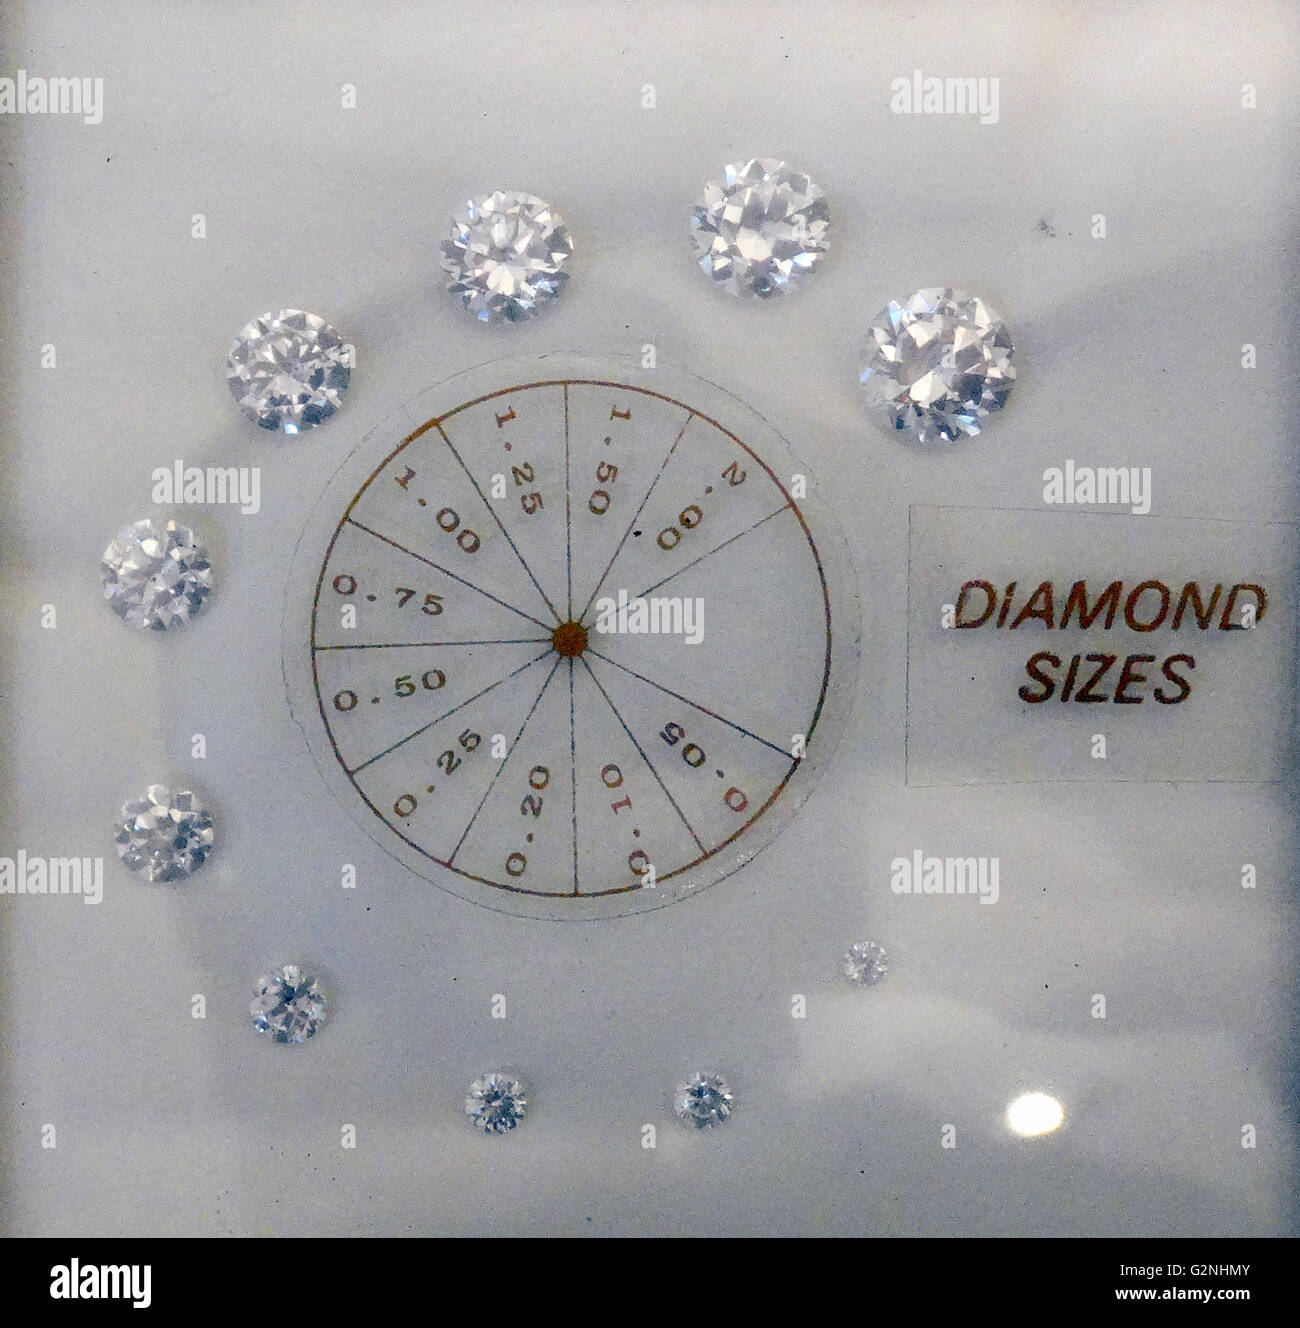 Diamond size chart stock photo 104966427 alamy diamond size chart nvjuhfo Choice Image